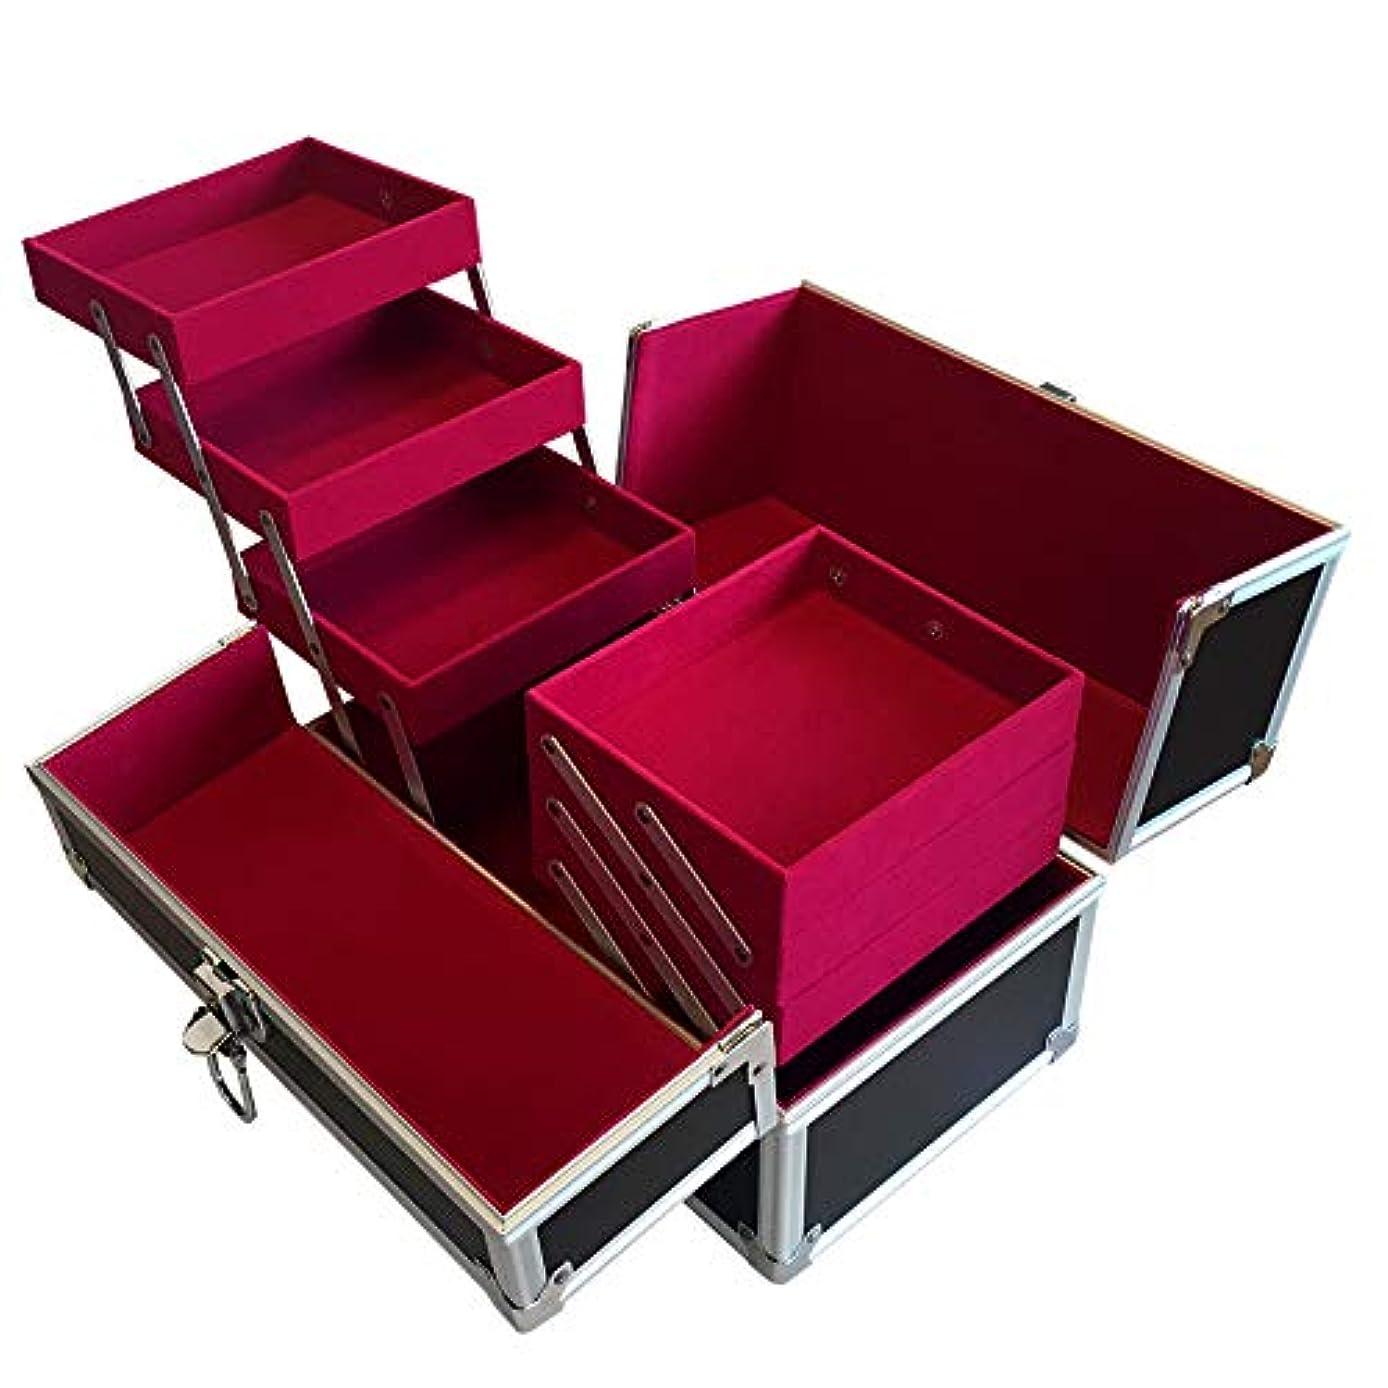 下手グラス郡リライアブル コスメボックス RB002-BKVP 鍵付き プロ仕様 メイクボックス 大容量 化粧品収納 小物入れ 6段トレー ベロア メイクケース コスメBOX 持ち運び ネイルケース